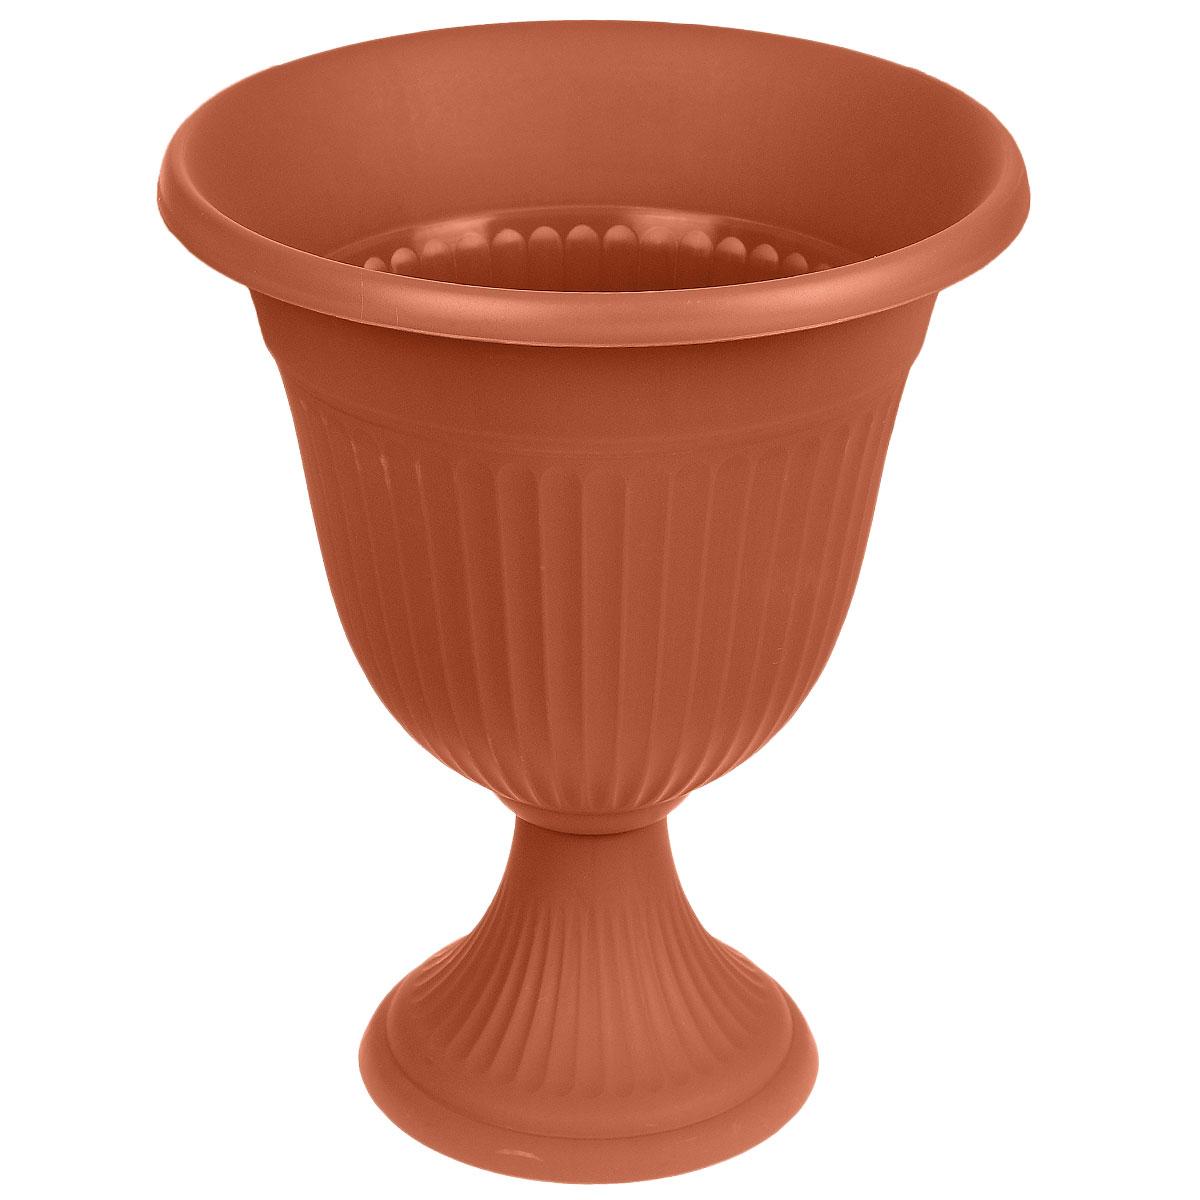 Вазон Idea Ливия, цвет: терракотовый, высота 43 смМ 3203Вазон Idea Ливия изготовлен из высококачественного полипропилена (пластика). Верхняя часть съемная. Благодаря устойчивому широкому основанию вазон не упадет. Такой вазон прекрасно подойдет для выращивания растений и цветов в домашних условиях. Классический дизайн впишется в любой интерьер. Диаметр (по верхнему краю): 35 см. Высота: 43 см. Диаметр основания: 20,5 см.